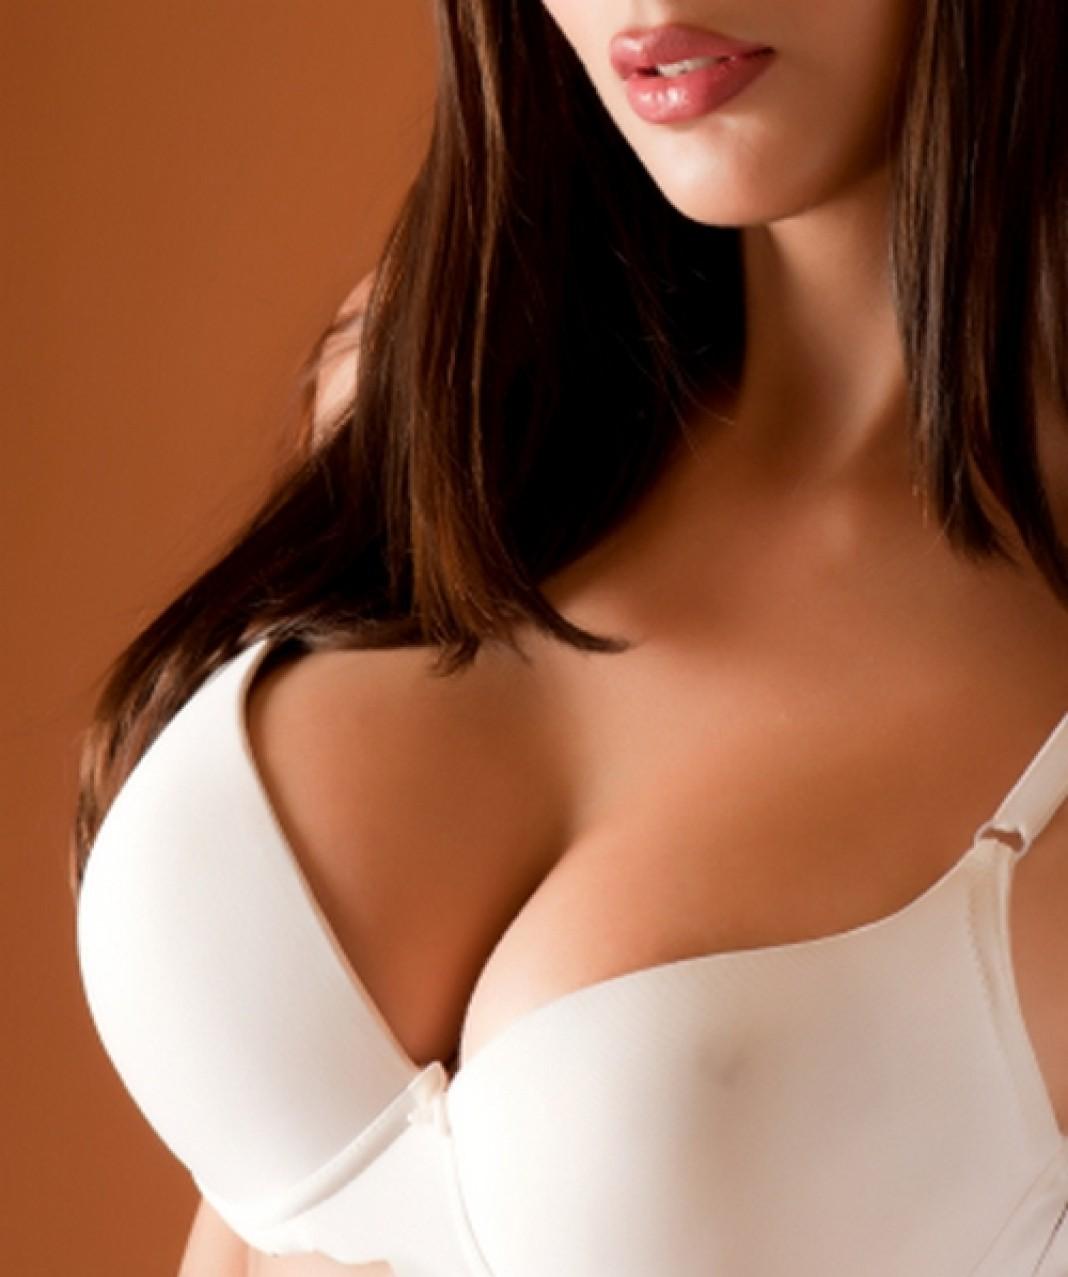 Самые большие груди казахстана 5 фотография